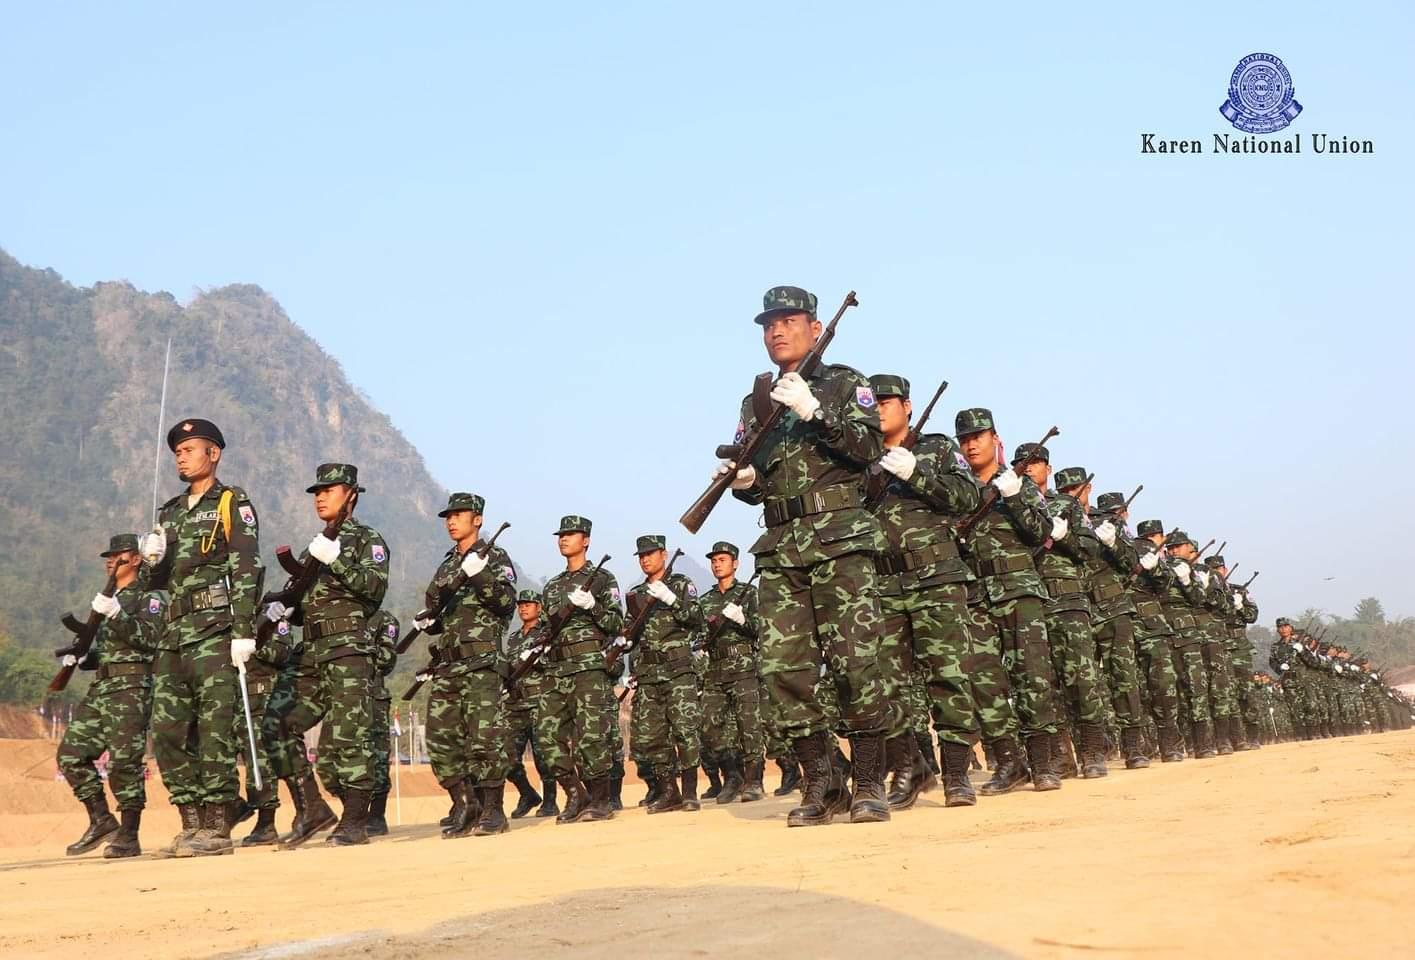 တစ်လအတွင်း KNUထိန်းချုပ်နယ်မြေတွေမှာ စစ်အုပ်စုနဲ့ တိုက်ပွဲပေါင်း ၂၀၀ကျော်ဖြစ်ပွါးခဲ့ပြီး စစ်အုပ်စုက ၁၆၀ကျော်သေ